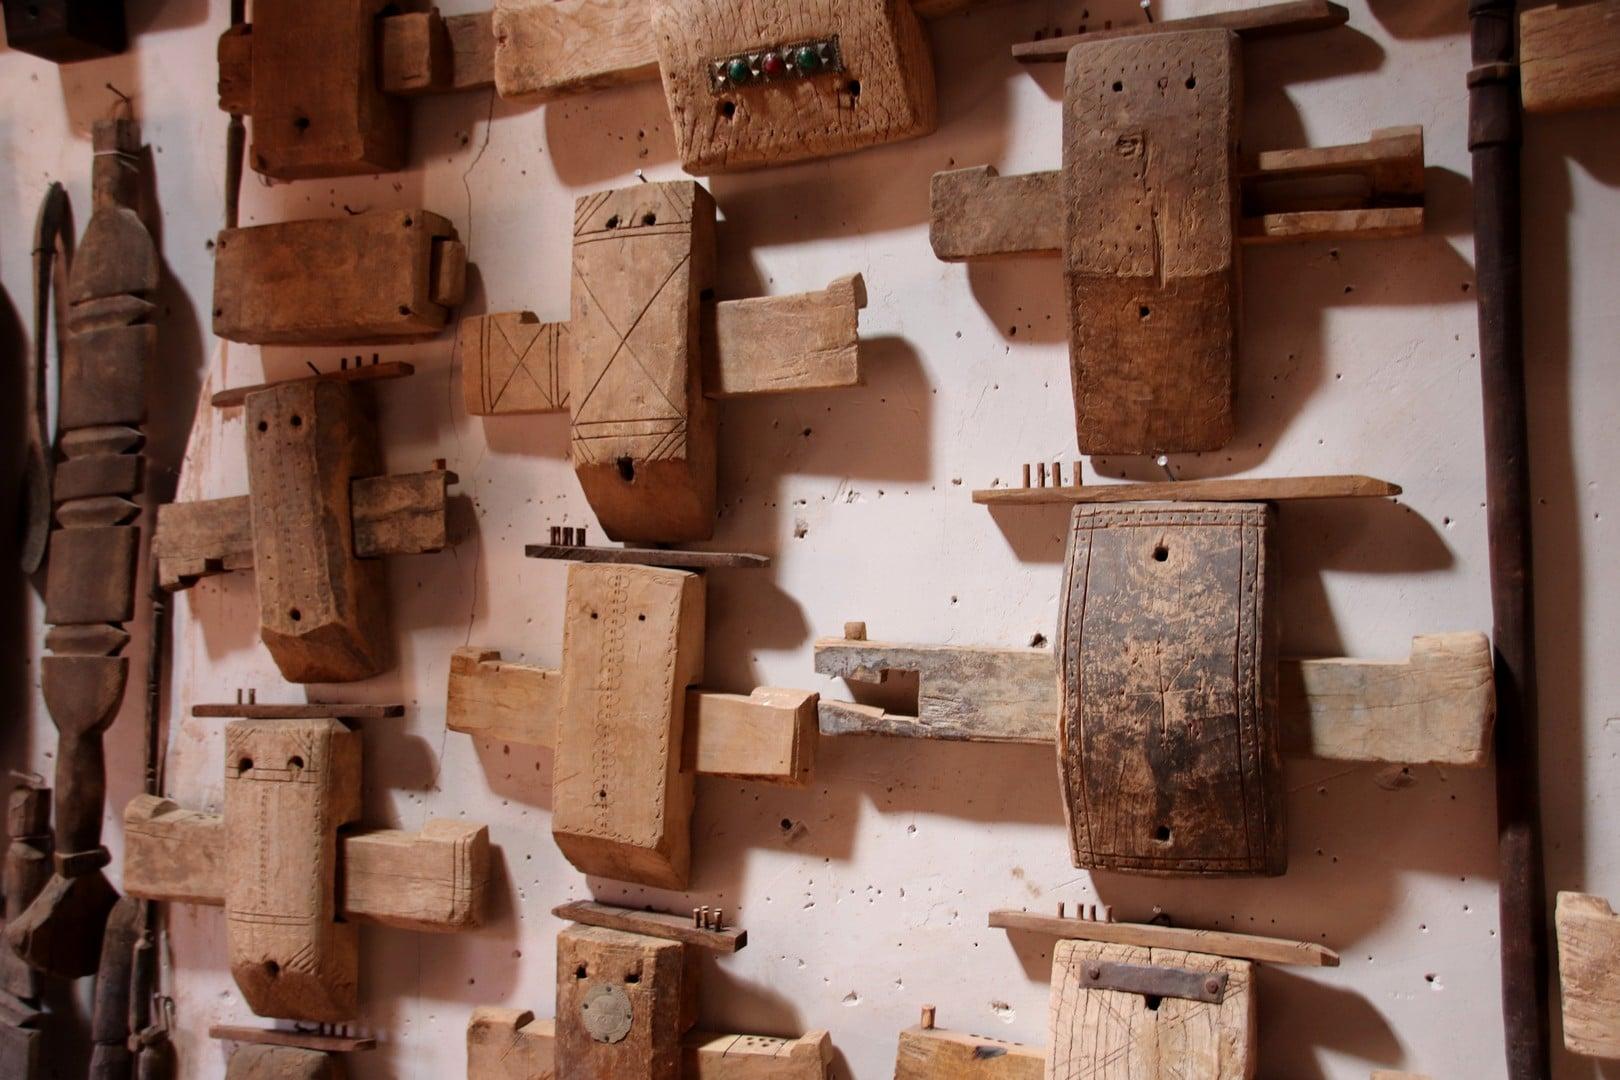 Maroc - Cadenas traditionnels fabriqués par un artisan dans le ksar d'Ait Ben Haddou, classé au patrimoine mondial de l'UNESCO